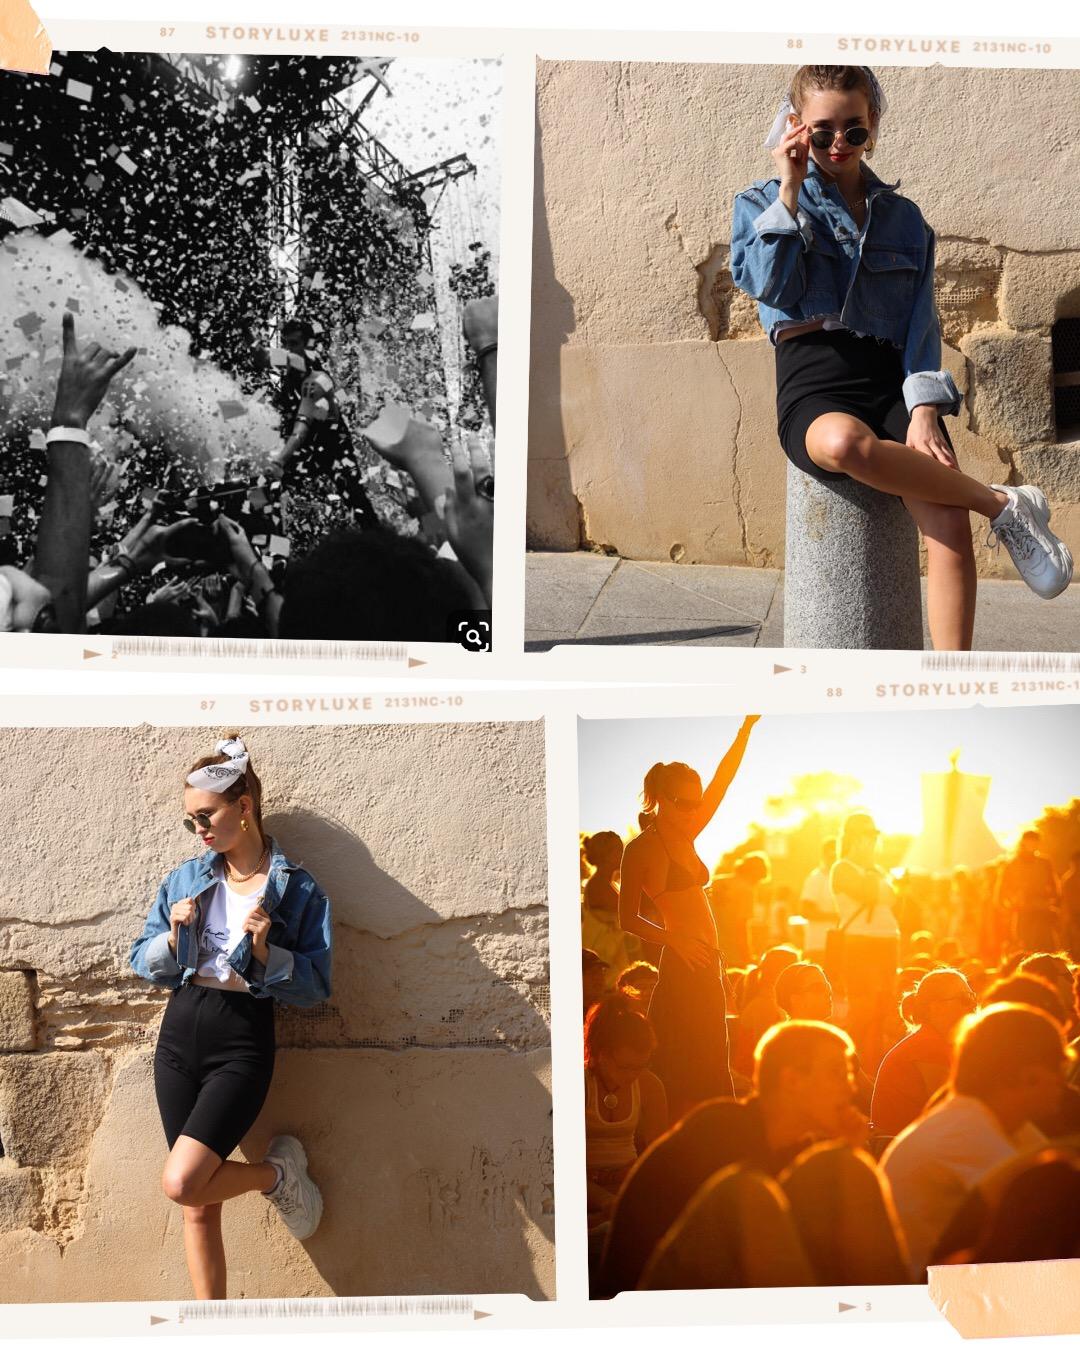 Tomorrowland - Années 90's baby !! Comme vous le savez la tendance années 90 revient en force même en festival. Et pour se dehancher quoi de mieux qu'un cycliste, un crop blanc a message et une veste en jean crop pour réchauffer le tout ? Côté accessoire on se la joue bling avec des bijoux dorés et un bandana dans les cheveux :).SHOP LA VESTE VINTAGESHOP LE T-SHIRT NOT YOUR GIRLSHOP LE CYCLISTE MOLITORSHOP LES CRÉOLES MATERIAL GIRL